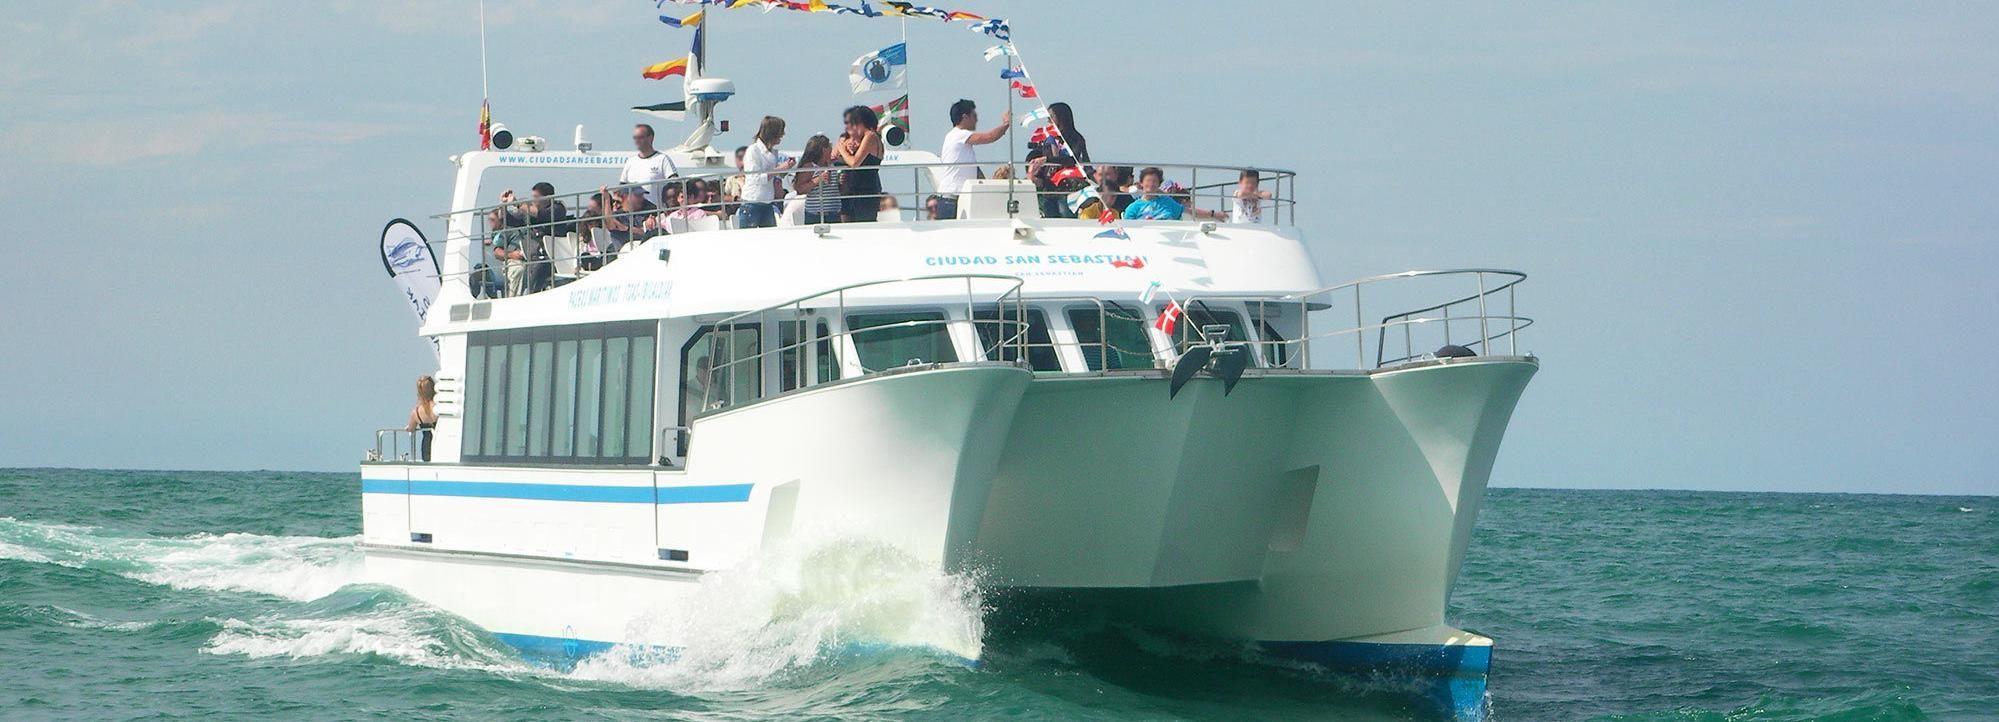 San Sebastian: Sightseeing Catamaran Bay Tour